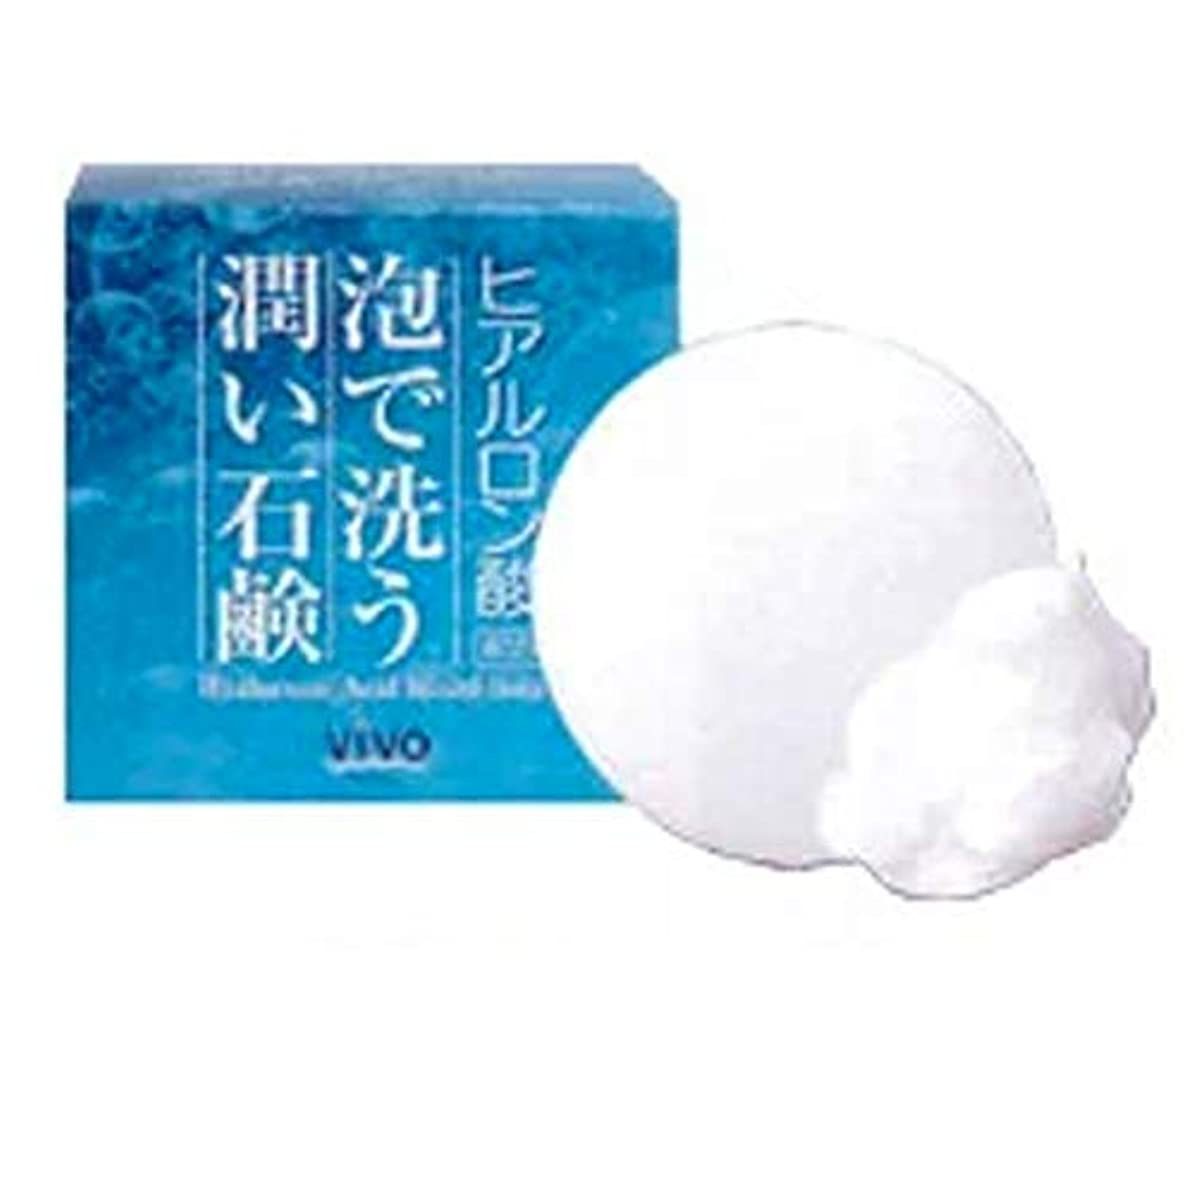 永久にアレンジ禁輸Bella Vivo ヒアルロン酸洗顔石鹸 3個セット